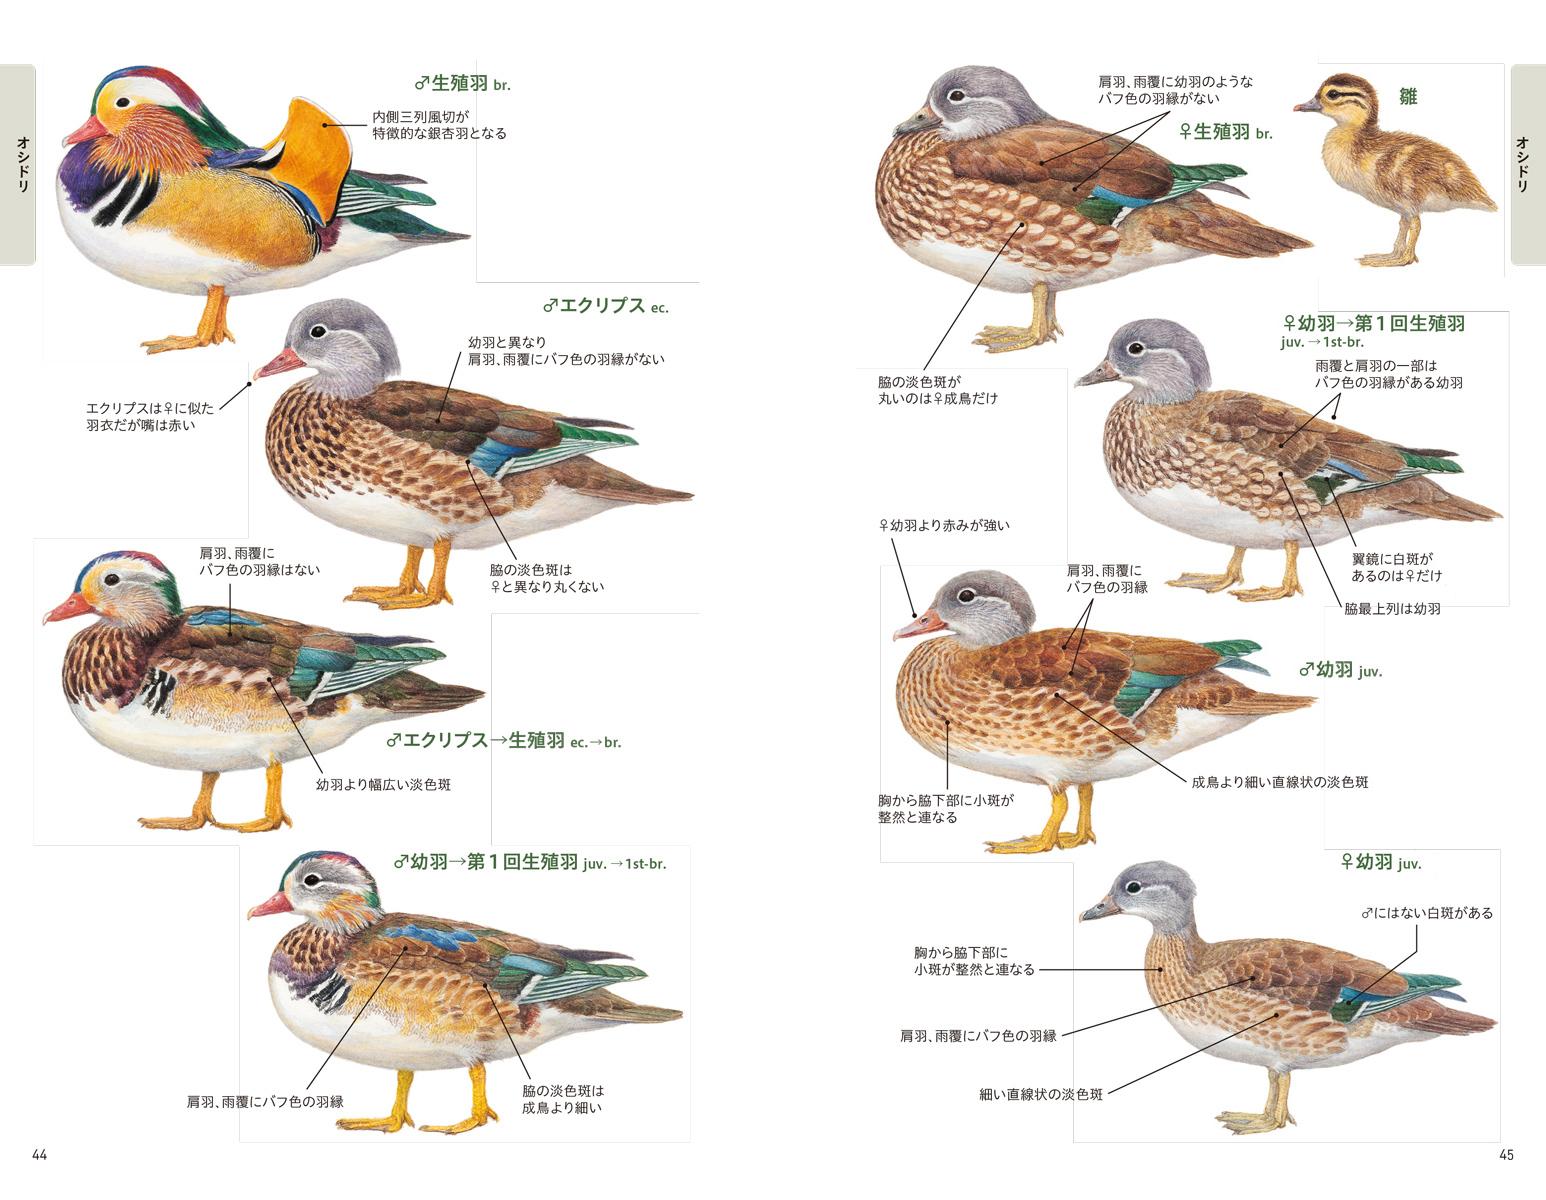 楽天ブックス 日本のカモ識別図鑑 日本産カモの全羽衣をイラストと